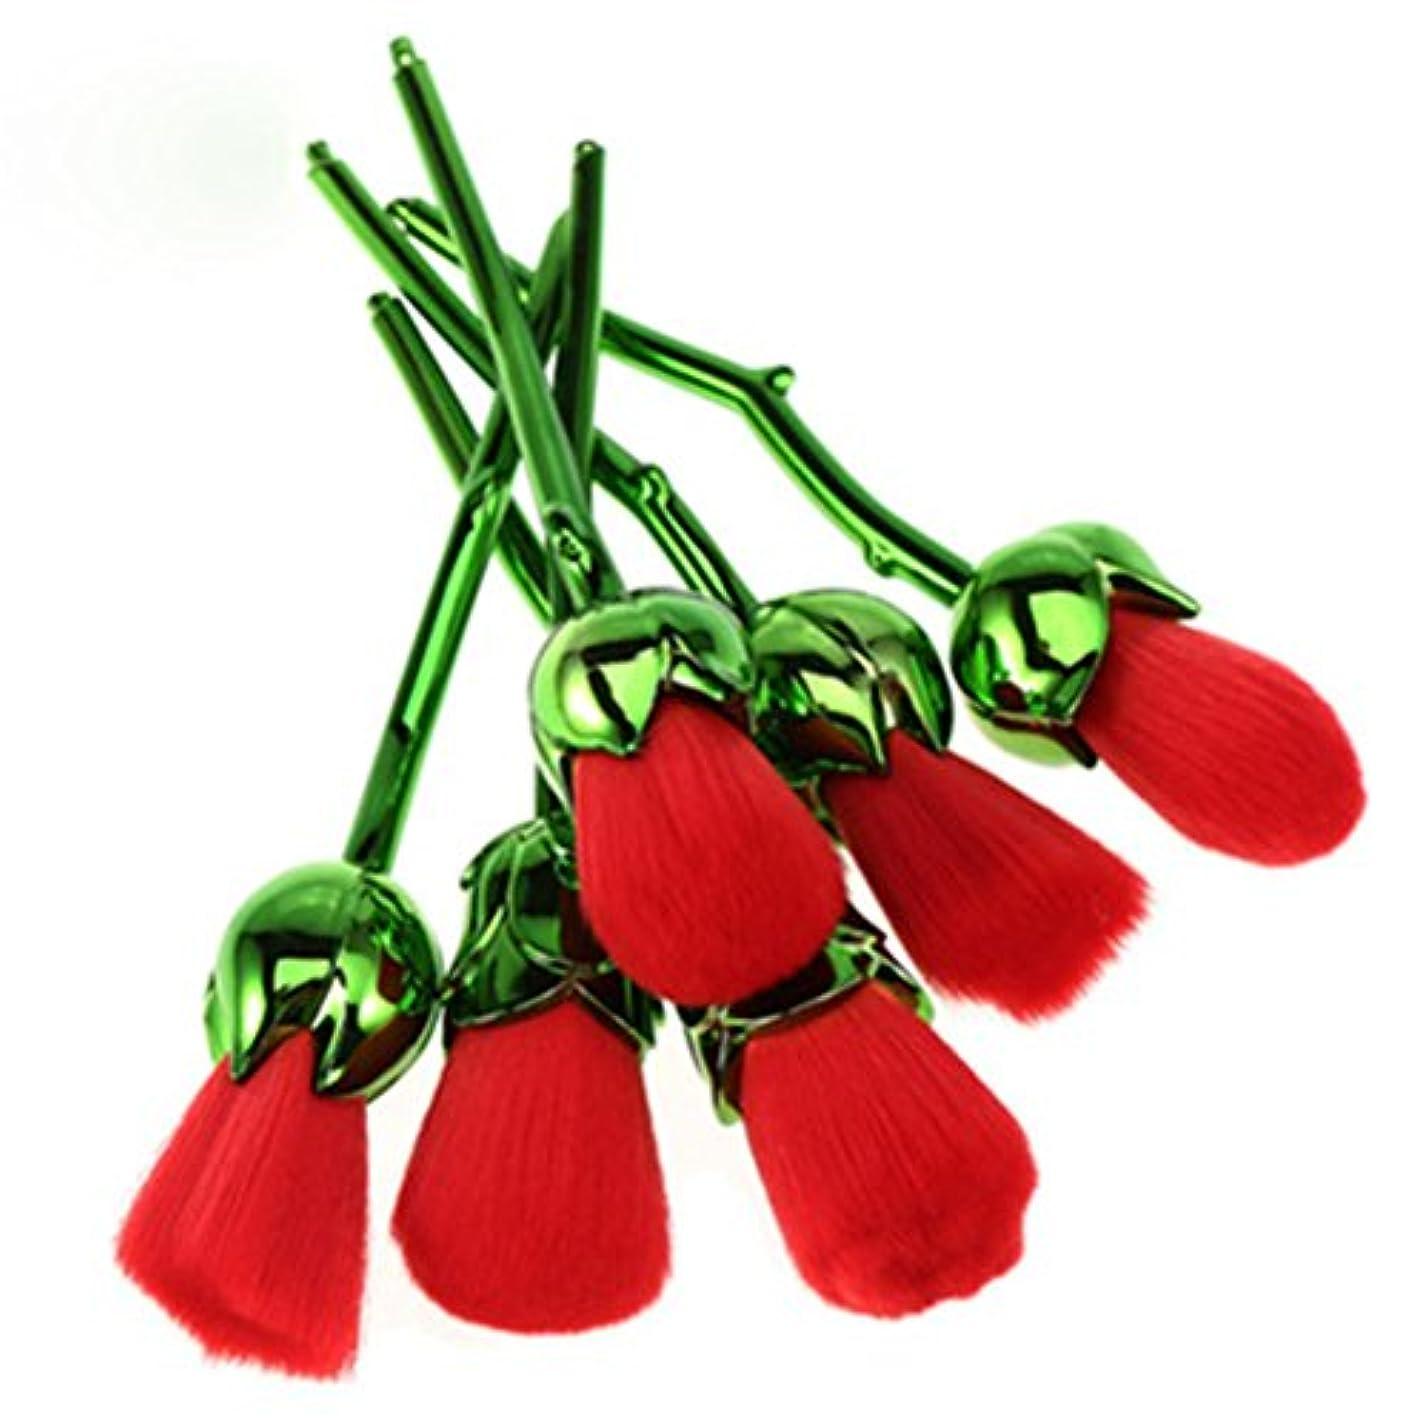 衰える十二掃除ディラビューティー(Dilla Beauty) メイクブラシ 薔薇 メイクブラシセット 人気 ファンデーションブラシ 化粧筆 可愛い 化粧ブラシ セット パウダーブラシ フェイスブラシ ローズ メイクブラシ 6本セット ケース付き (グリーン - レッド)